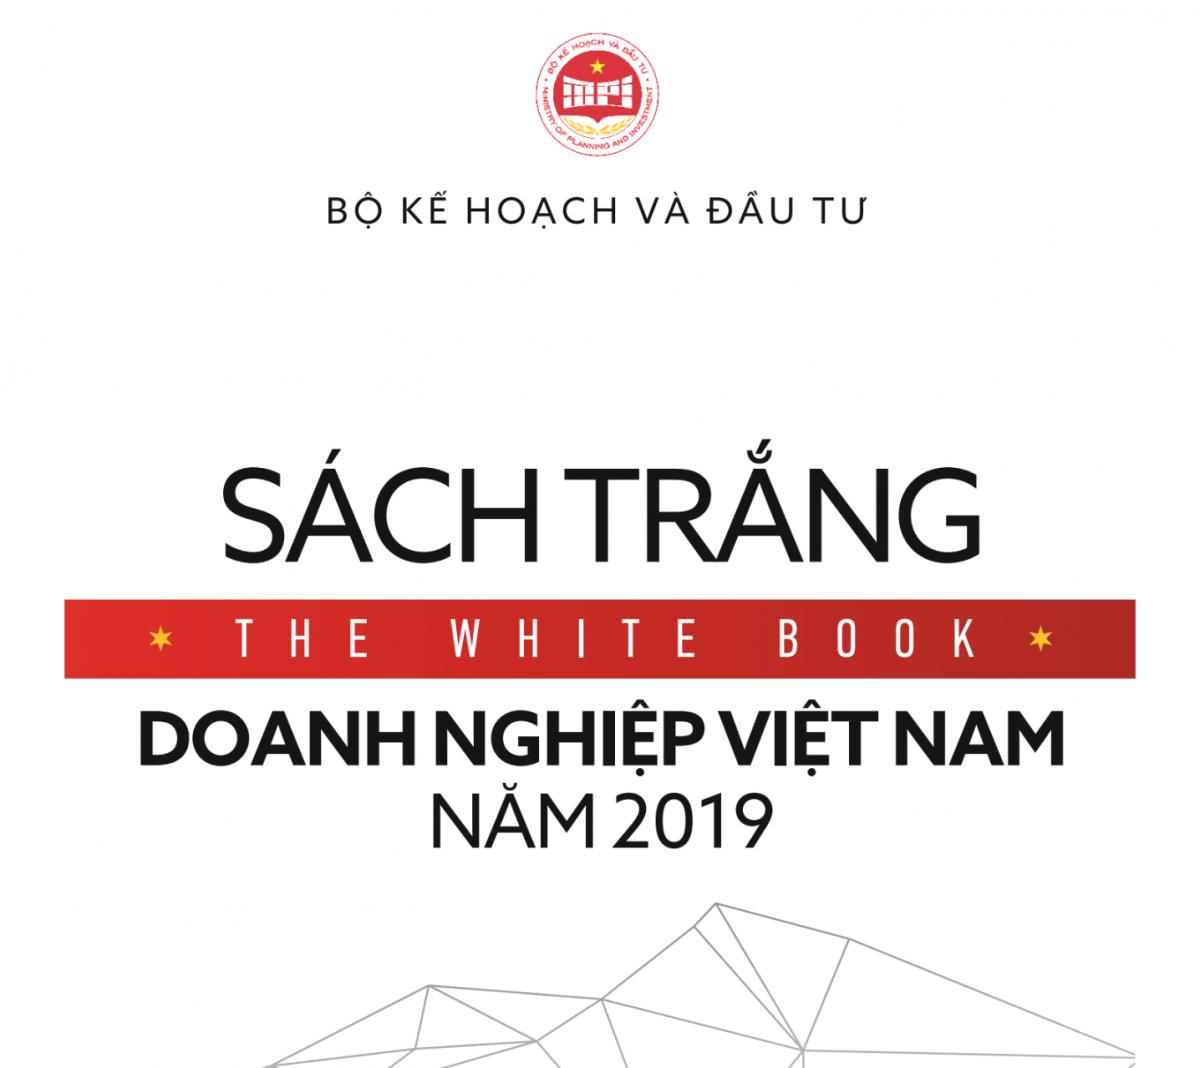 Sach Trang Doanh Nghiep Viet Nam 2019 1